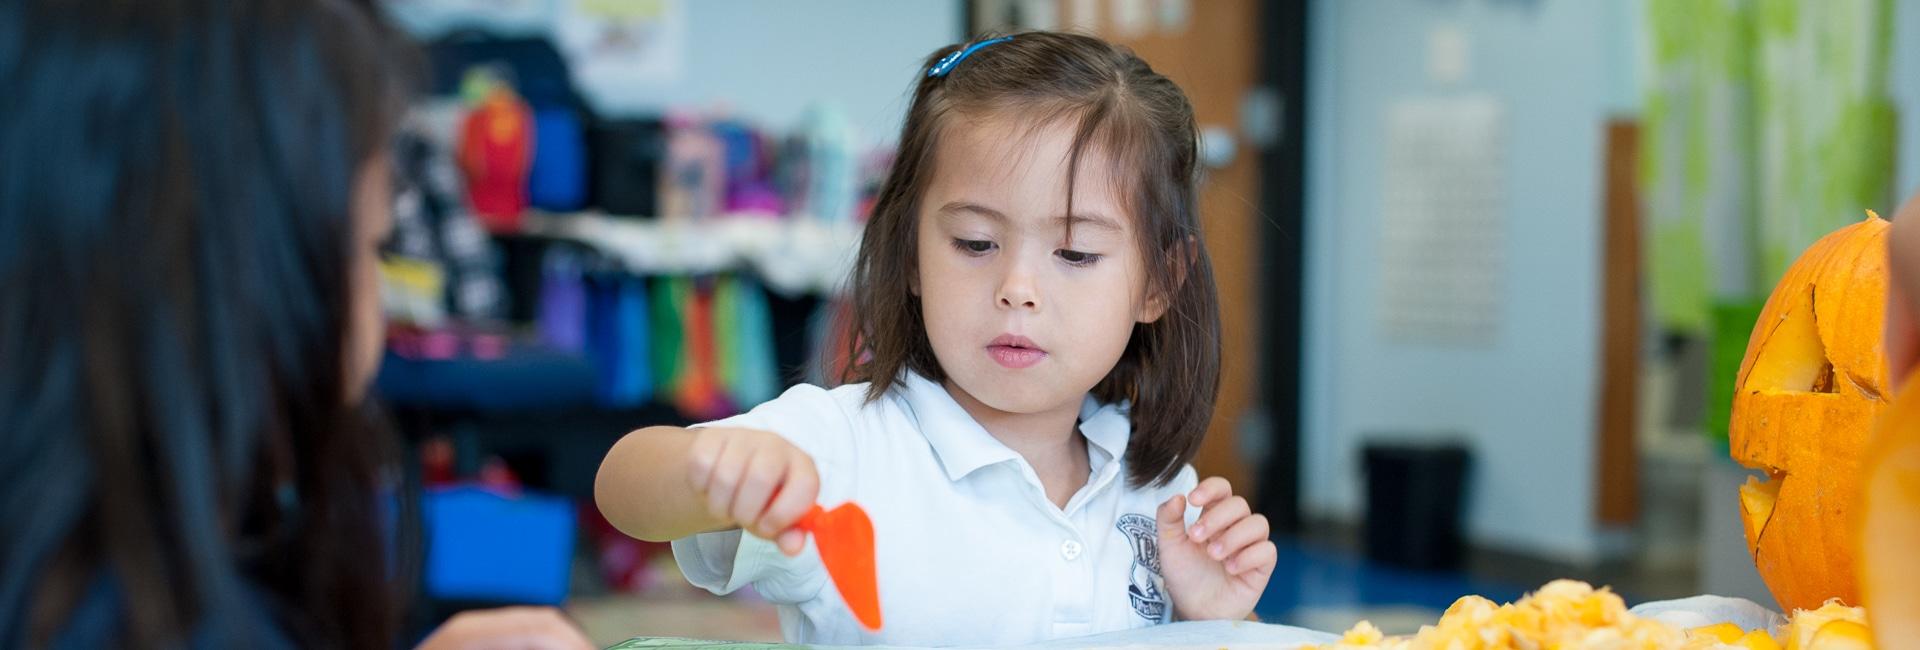 Kindergarten girl practicing counting